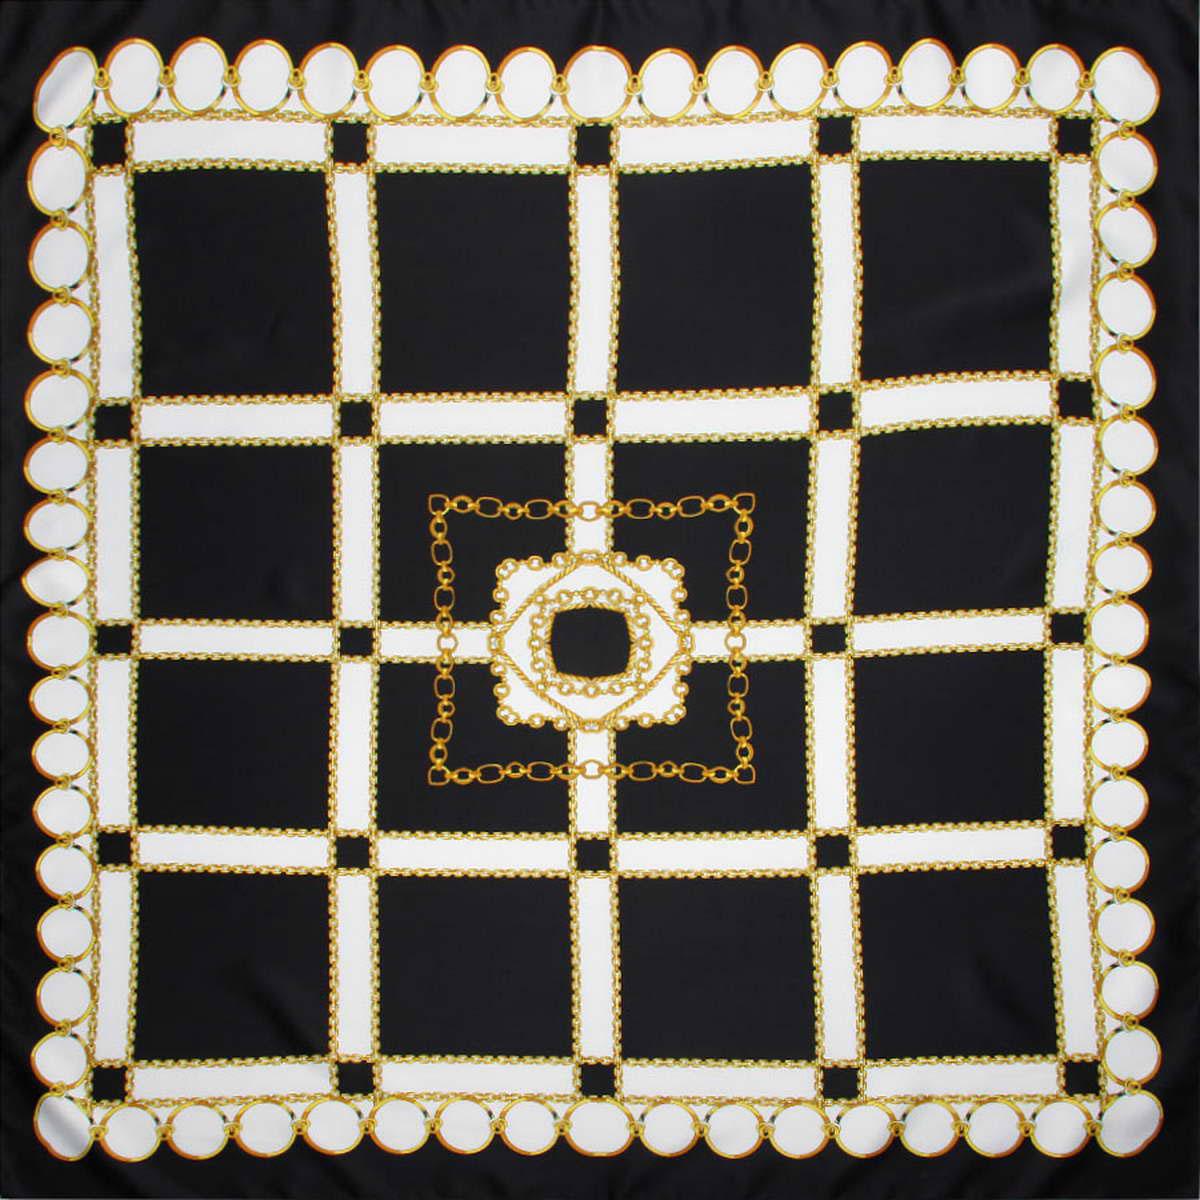 Платок женский. 39147833914783-02Стильный женский платок Venera станет великолепным завершением любого наряда. Платок изготовлен из полиэстера и оформлен принтом в виде цепей и колец. Классическая квадратная форма позволяет носить платок на шее, украшать им прическу или декорировать сумочку. Легкий и приятный на ощупь платок поможет вам создать изысканный женственный образ. Такой платок превосходно дополнит любой наряд и подчеркнет ваш неповторимый вкус и элегантность.